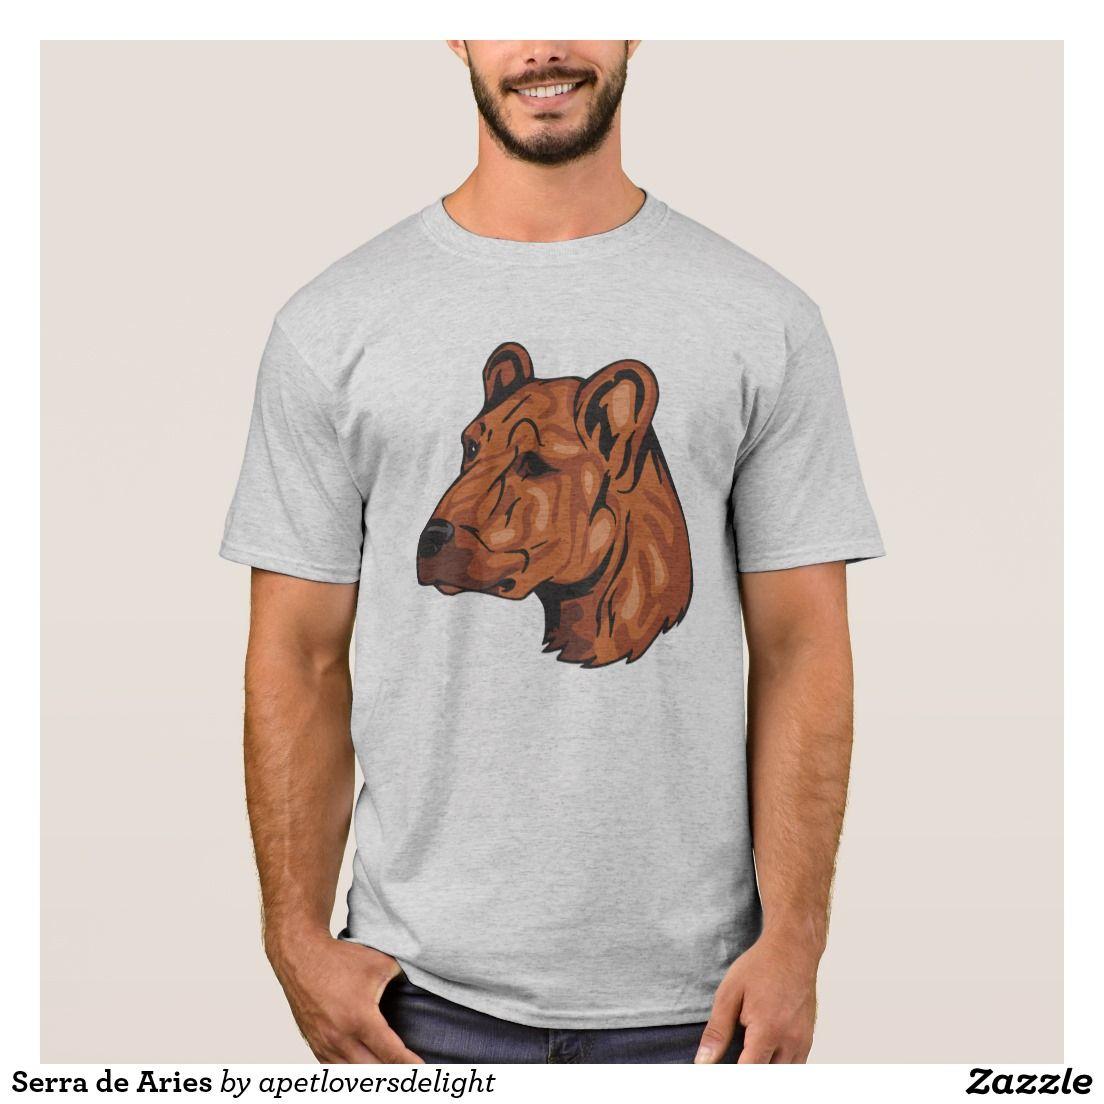 Serra de Aries T-Shirt